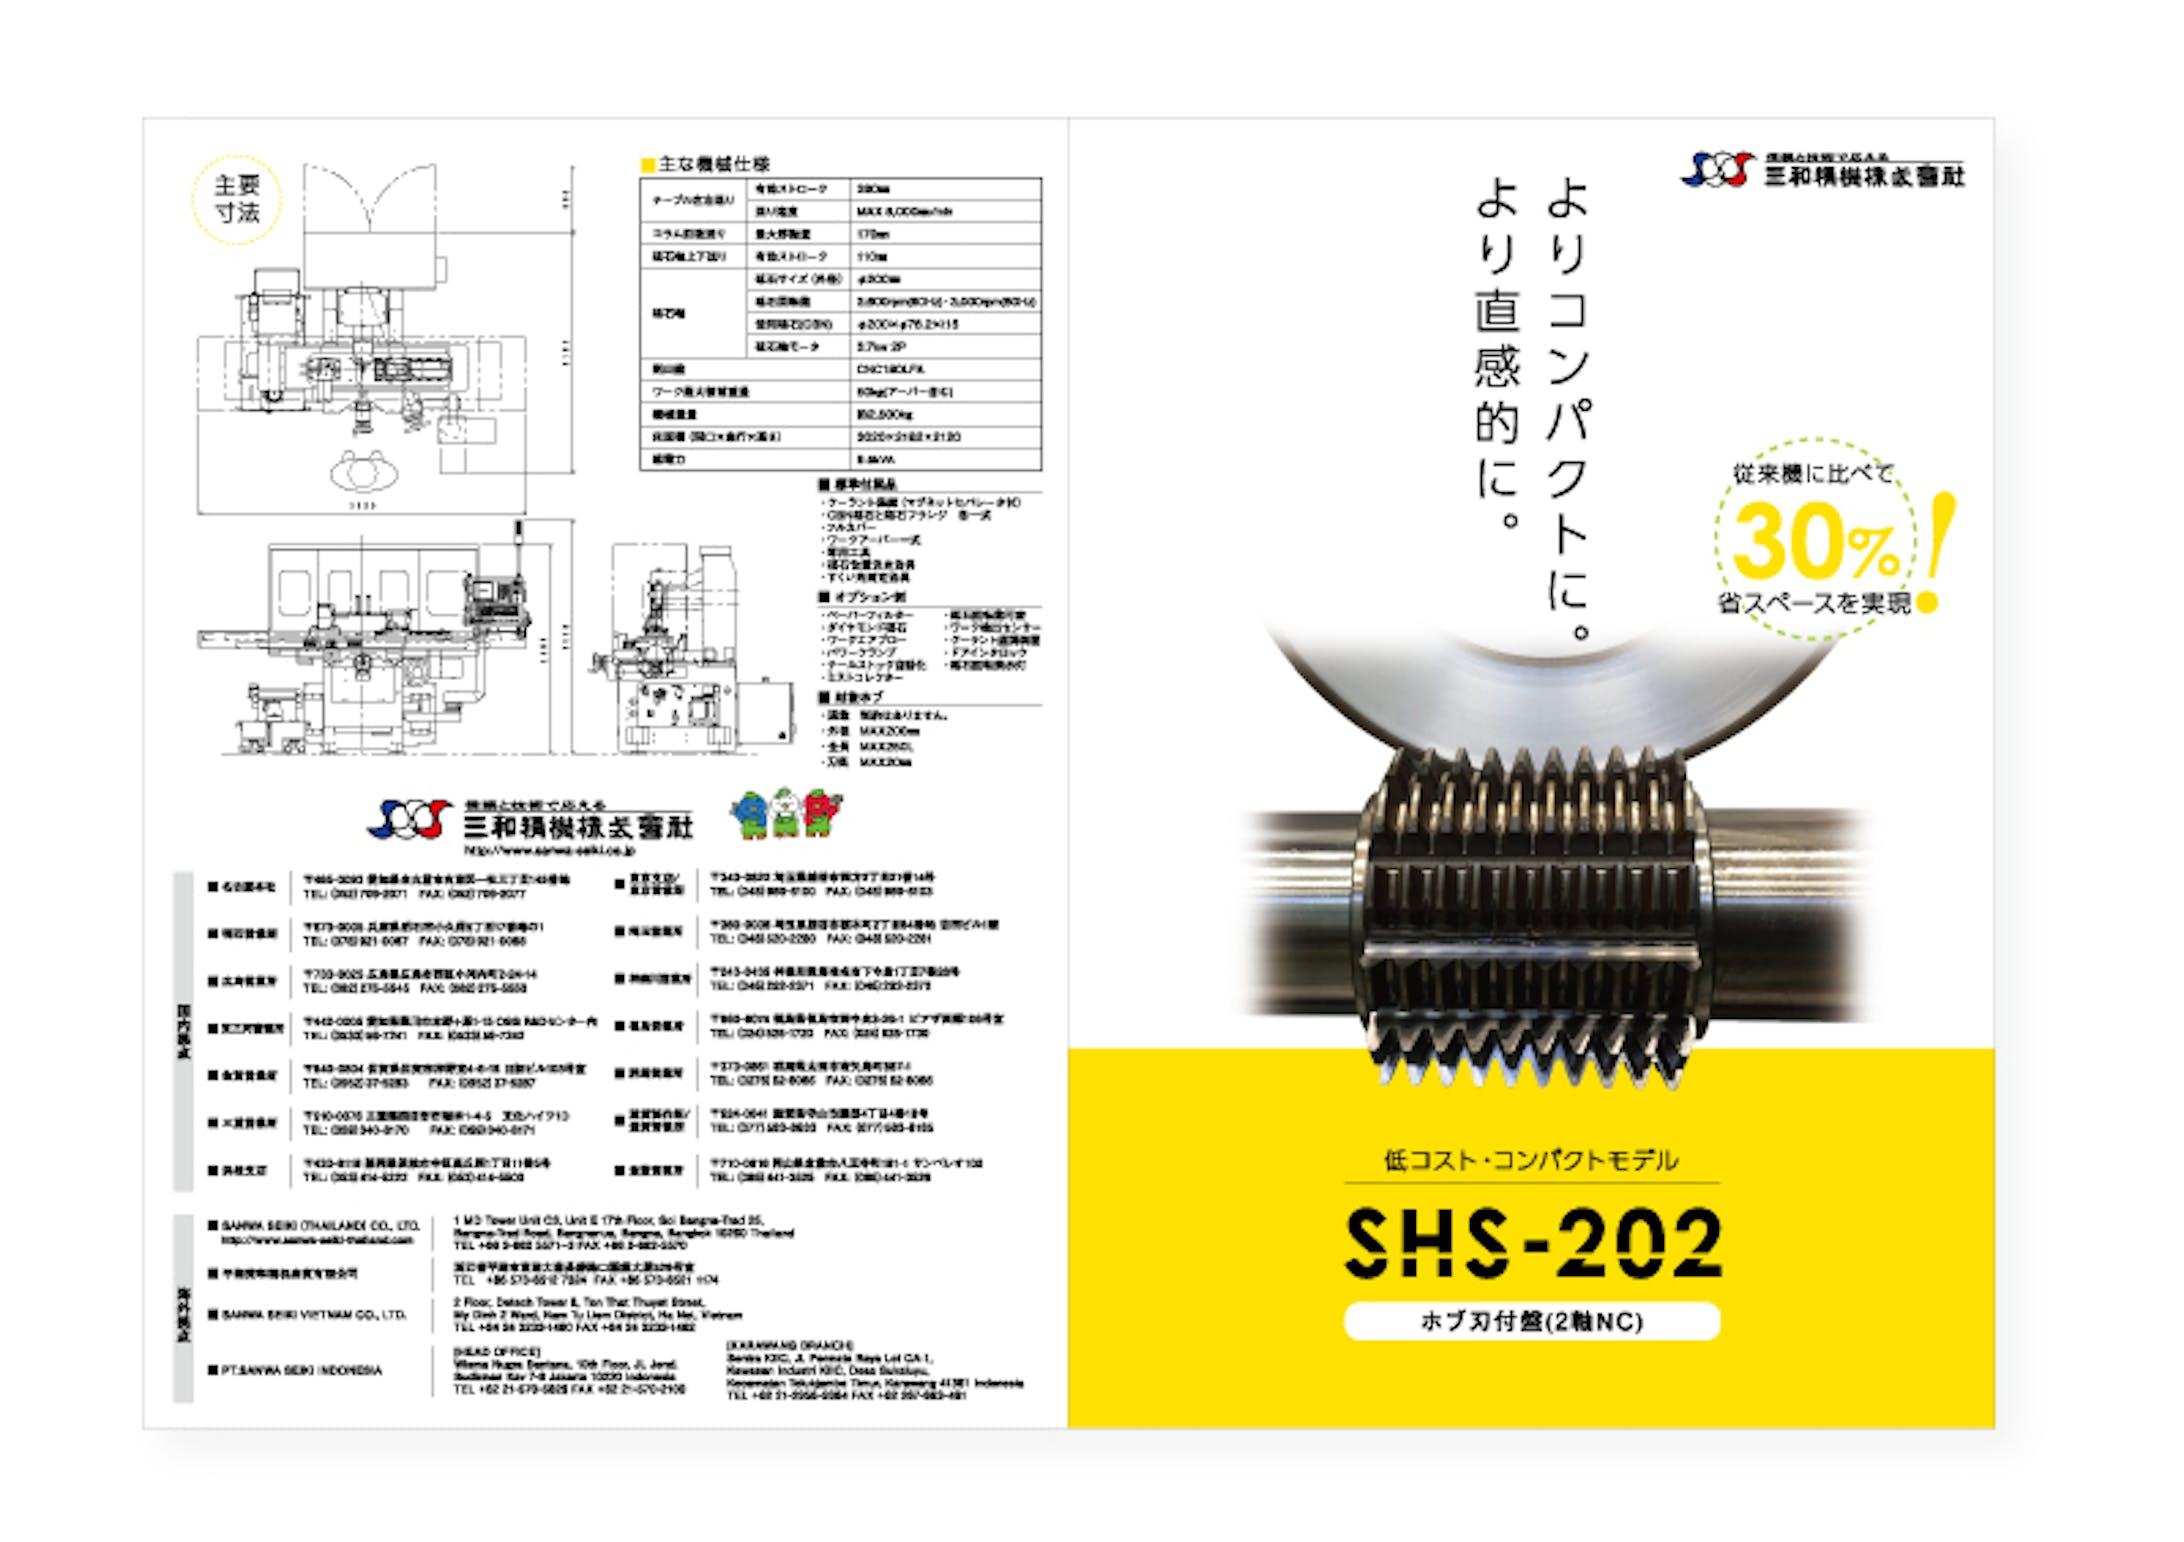 三和精機株式会社 SHS-202 製品パンフレット-1